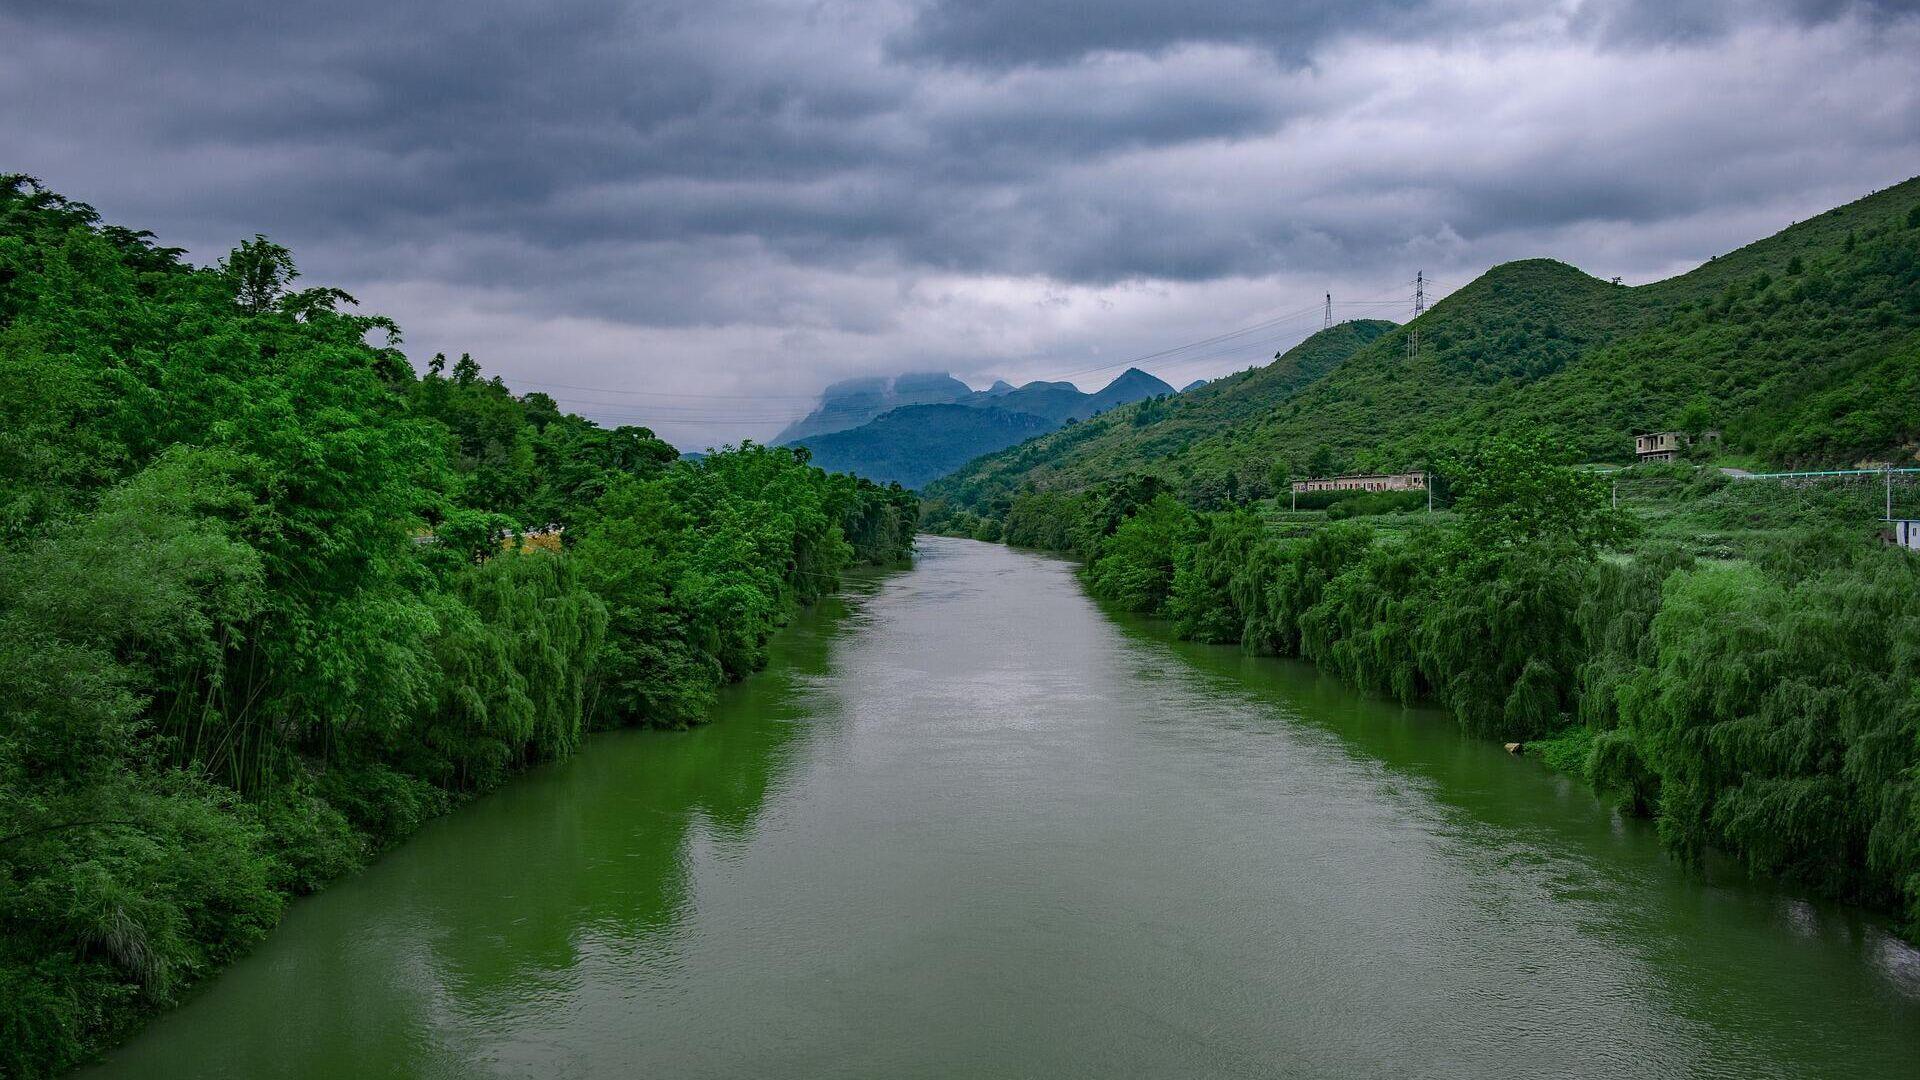 Südwestliche Provinz Guizhou - SNA, 1920, 19.09.2021